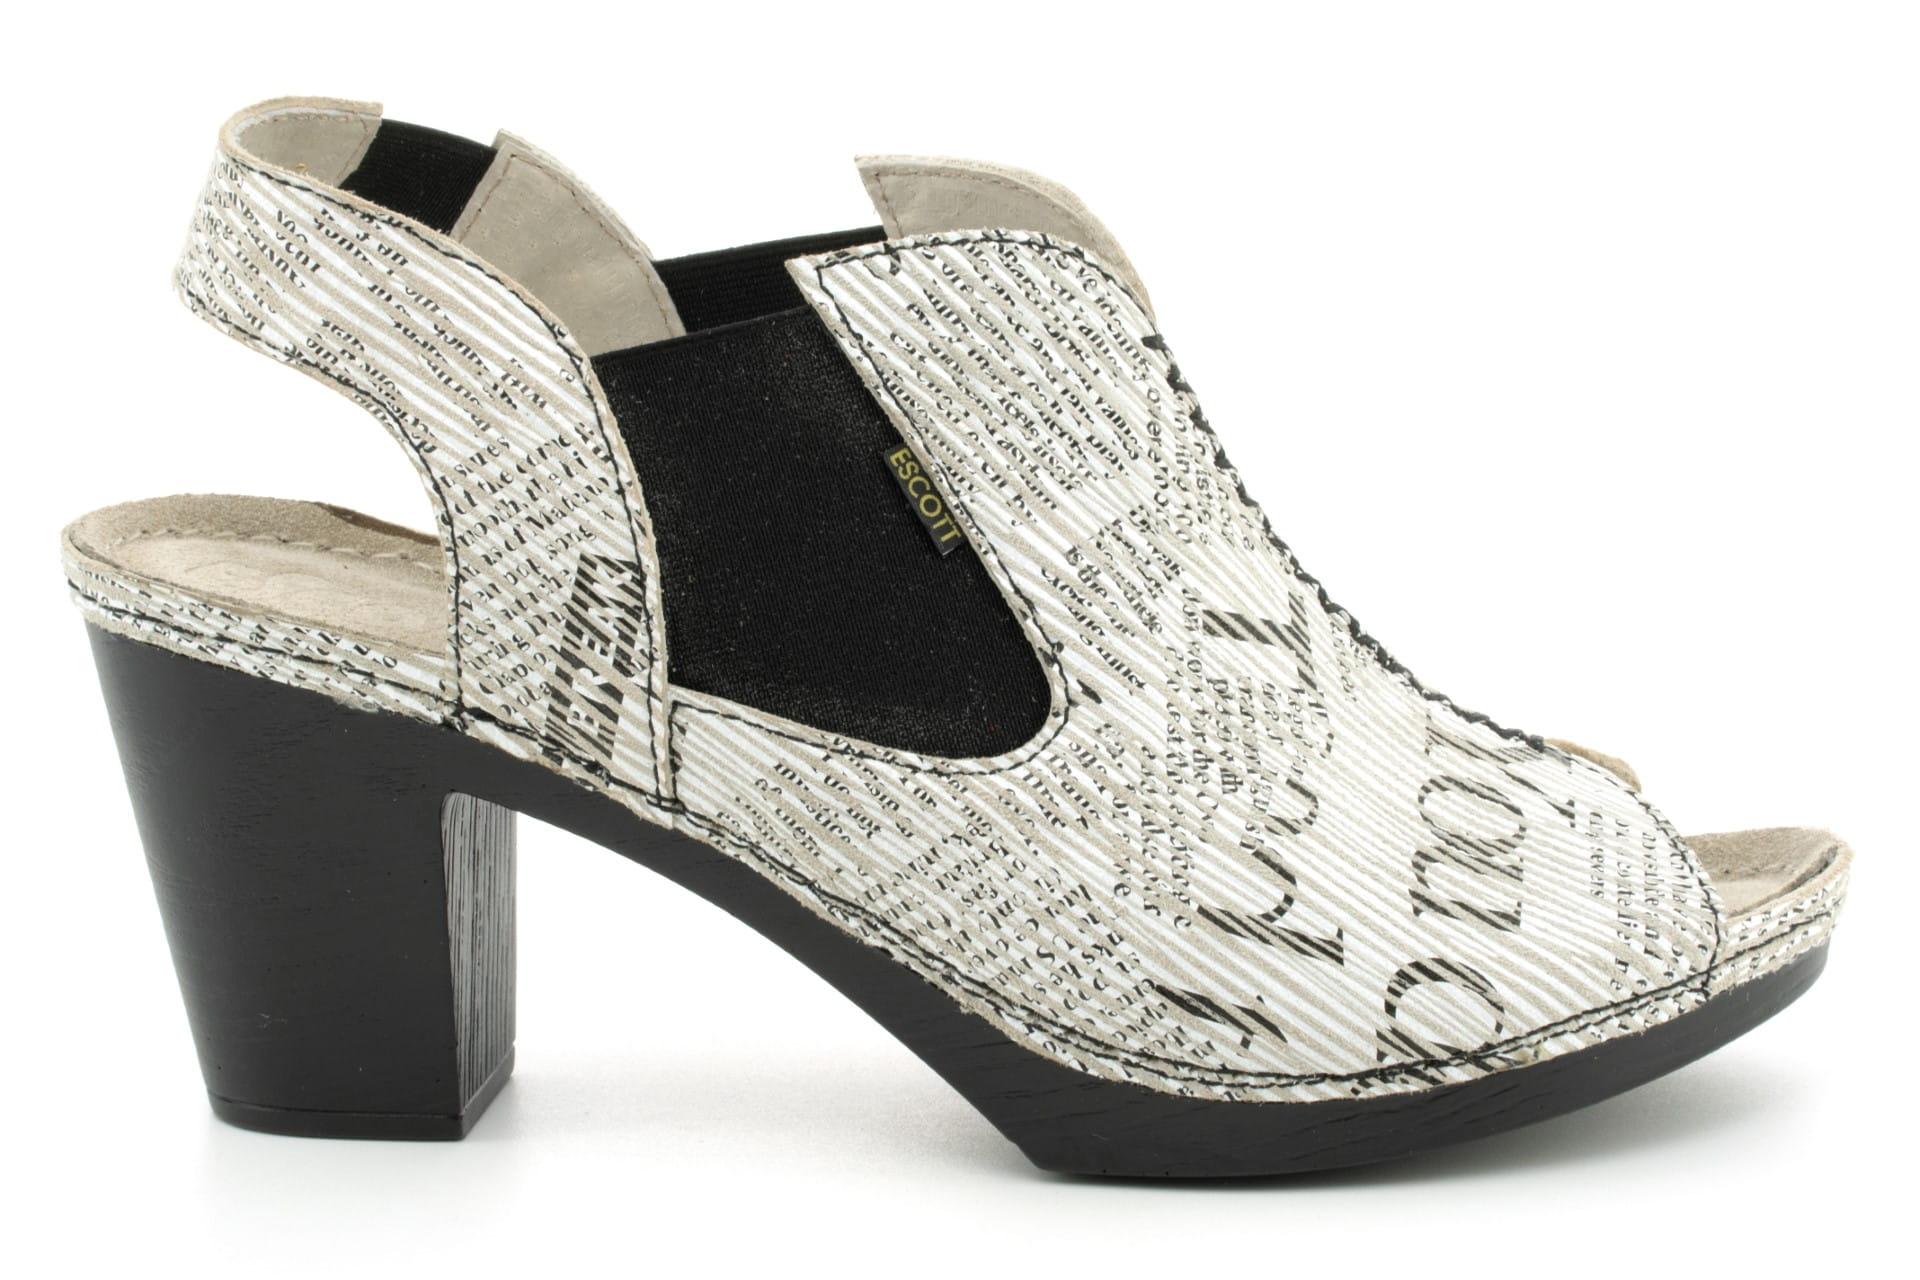 Bardzo wygodne sandały damskie skórzane, galanterki, na wysokim obcasie, wzuwane beżowy, czarny i biały Escott